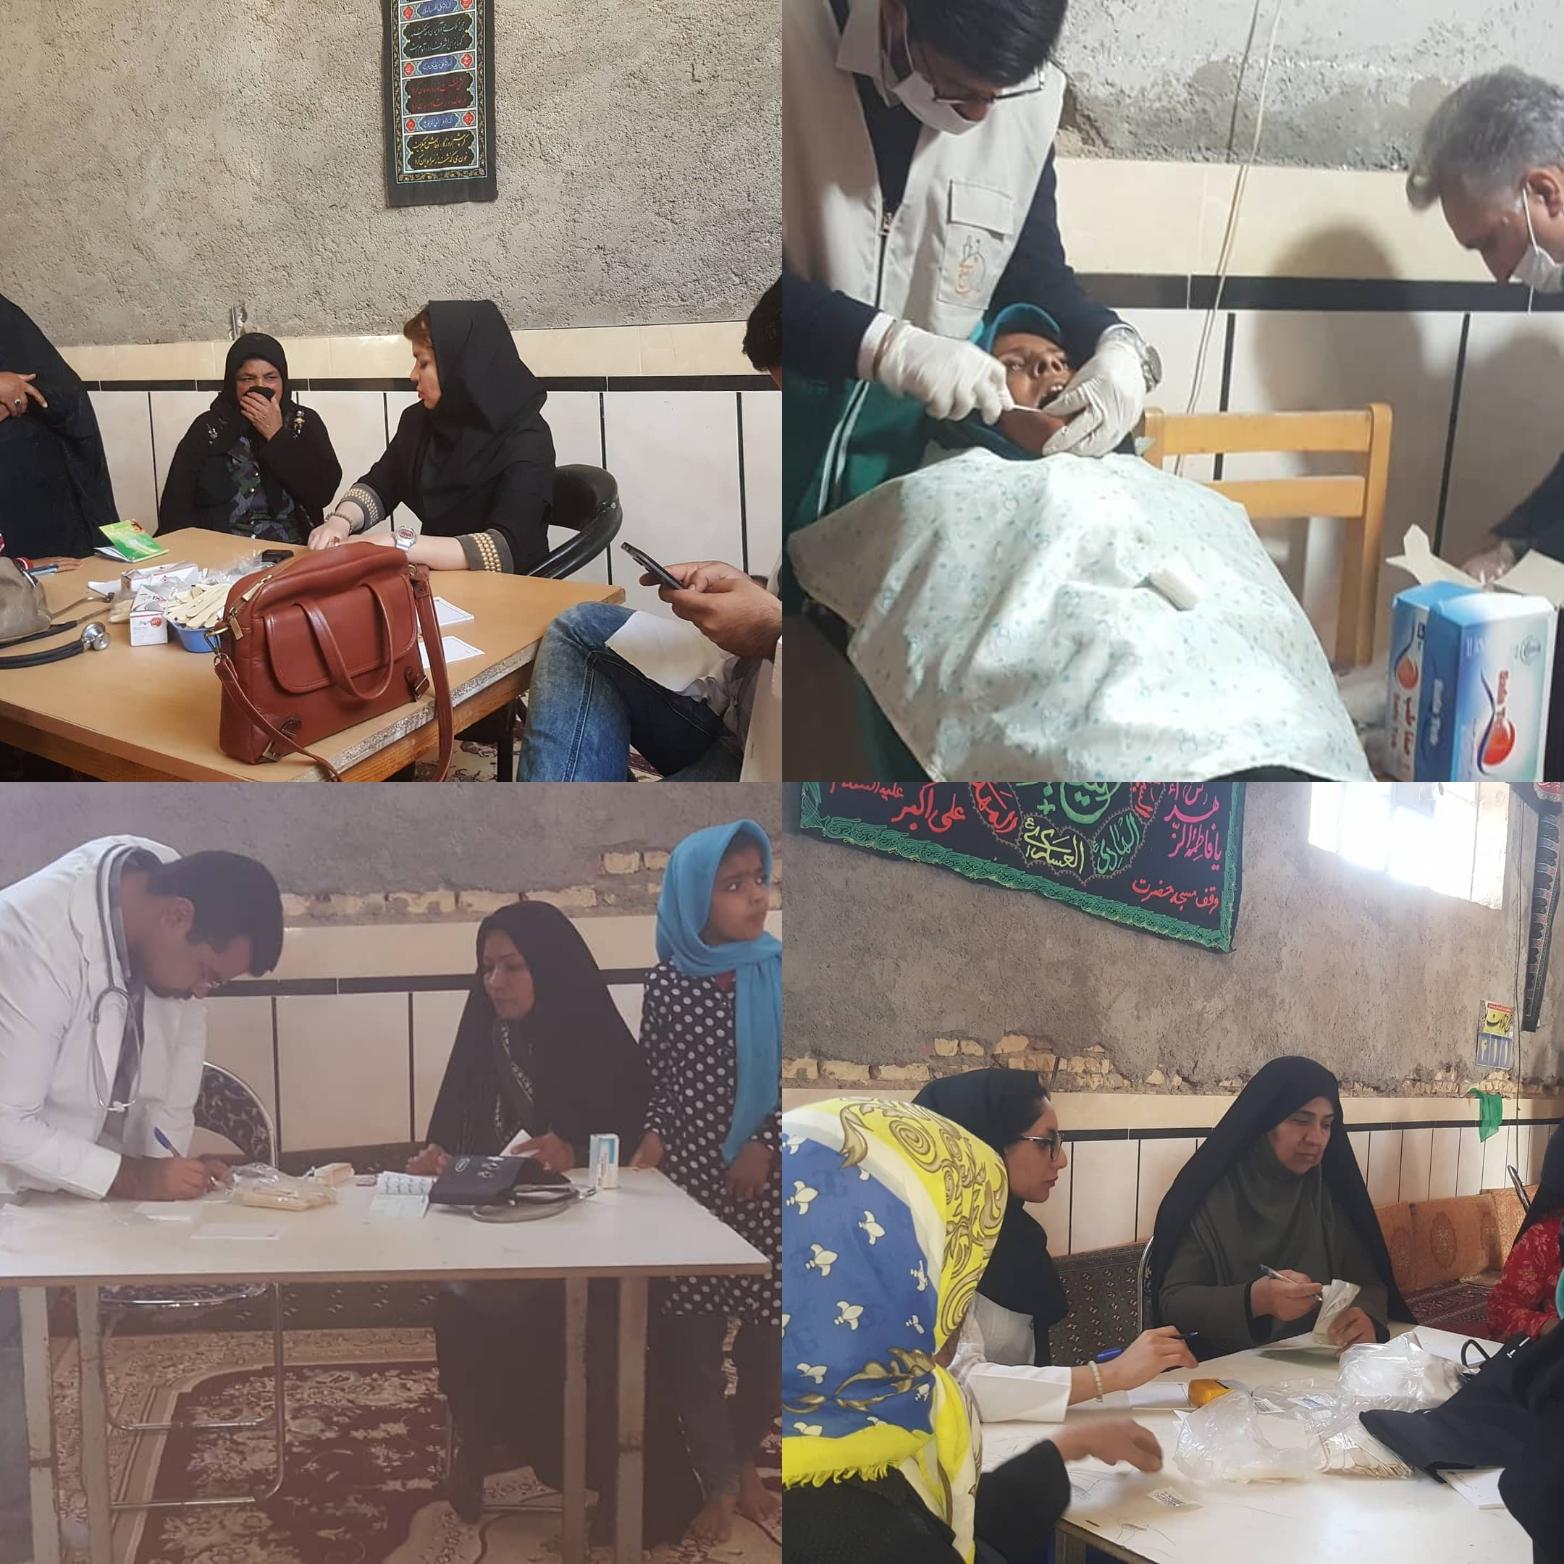 پزشکان جهادی خادمیار سلامت رضوی، در روستای شیخ آباد زابل به مداوای بیماران پرداختند